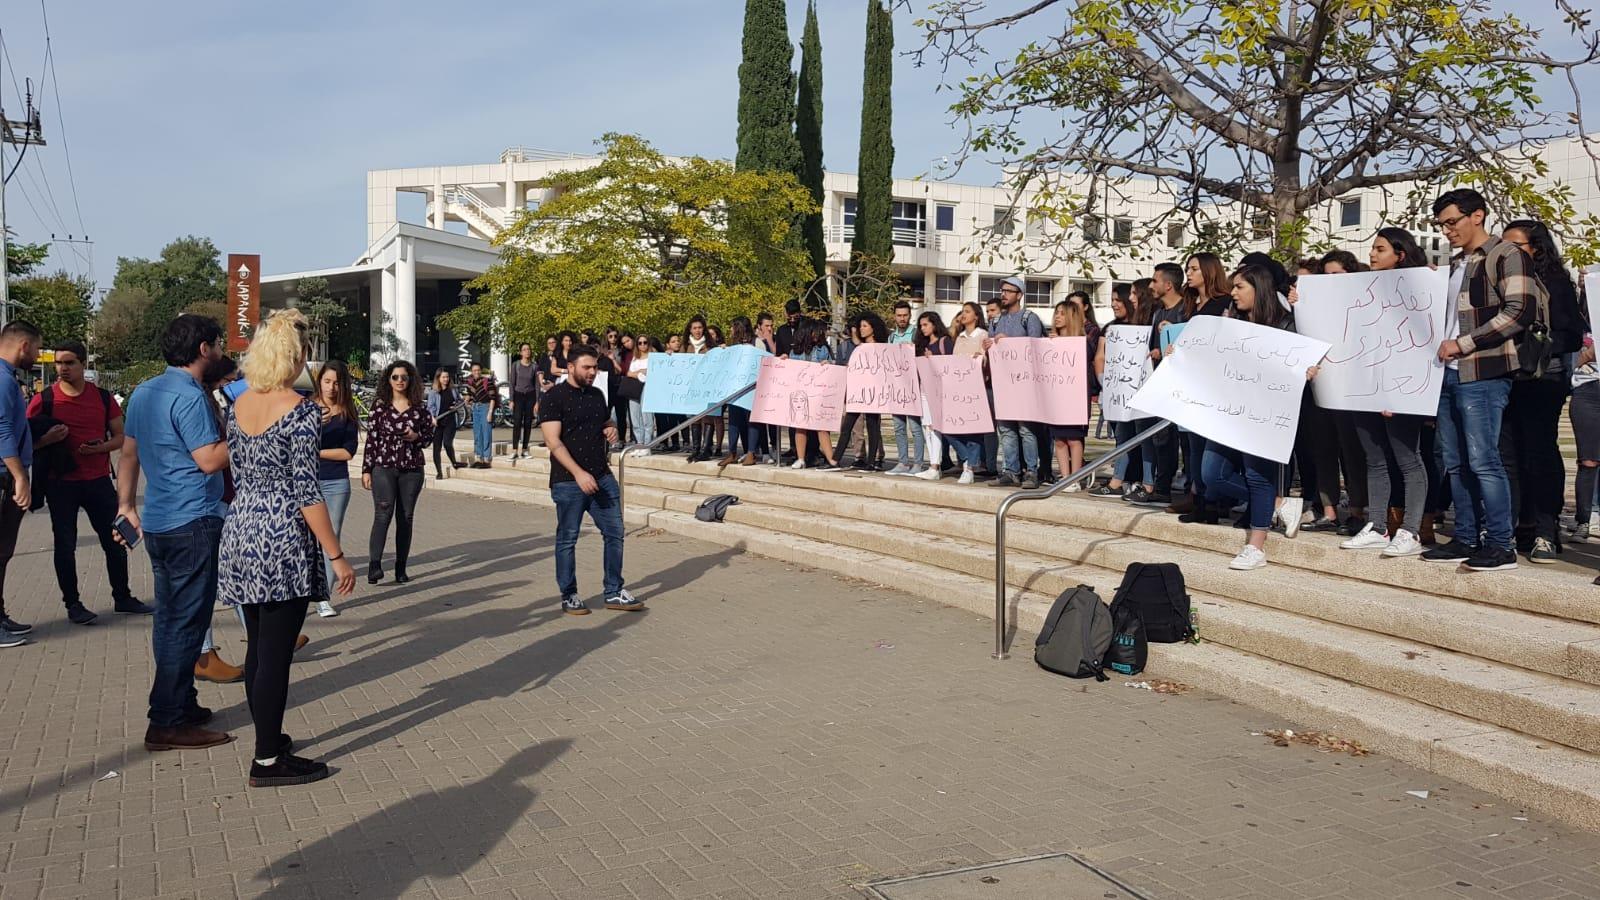 وقفات احتجاجية في البلاد ضد العنف وجرائم القتل